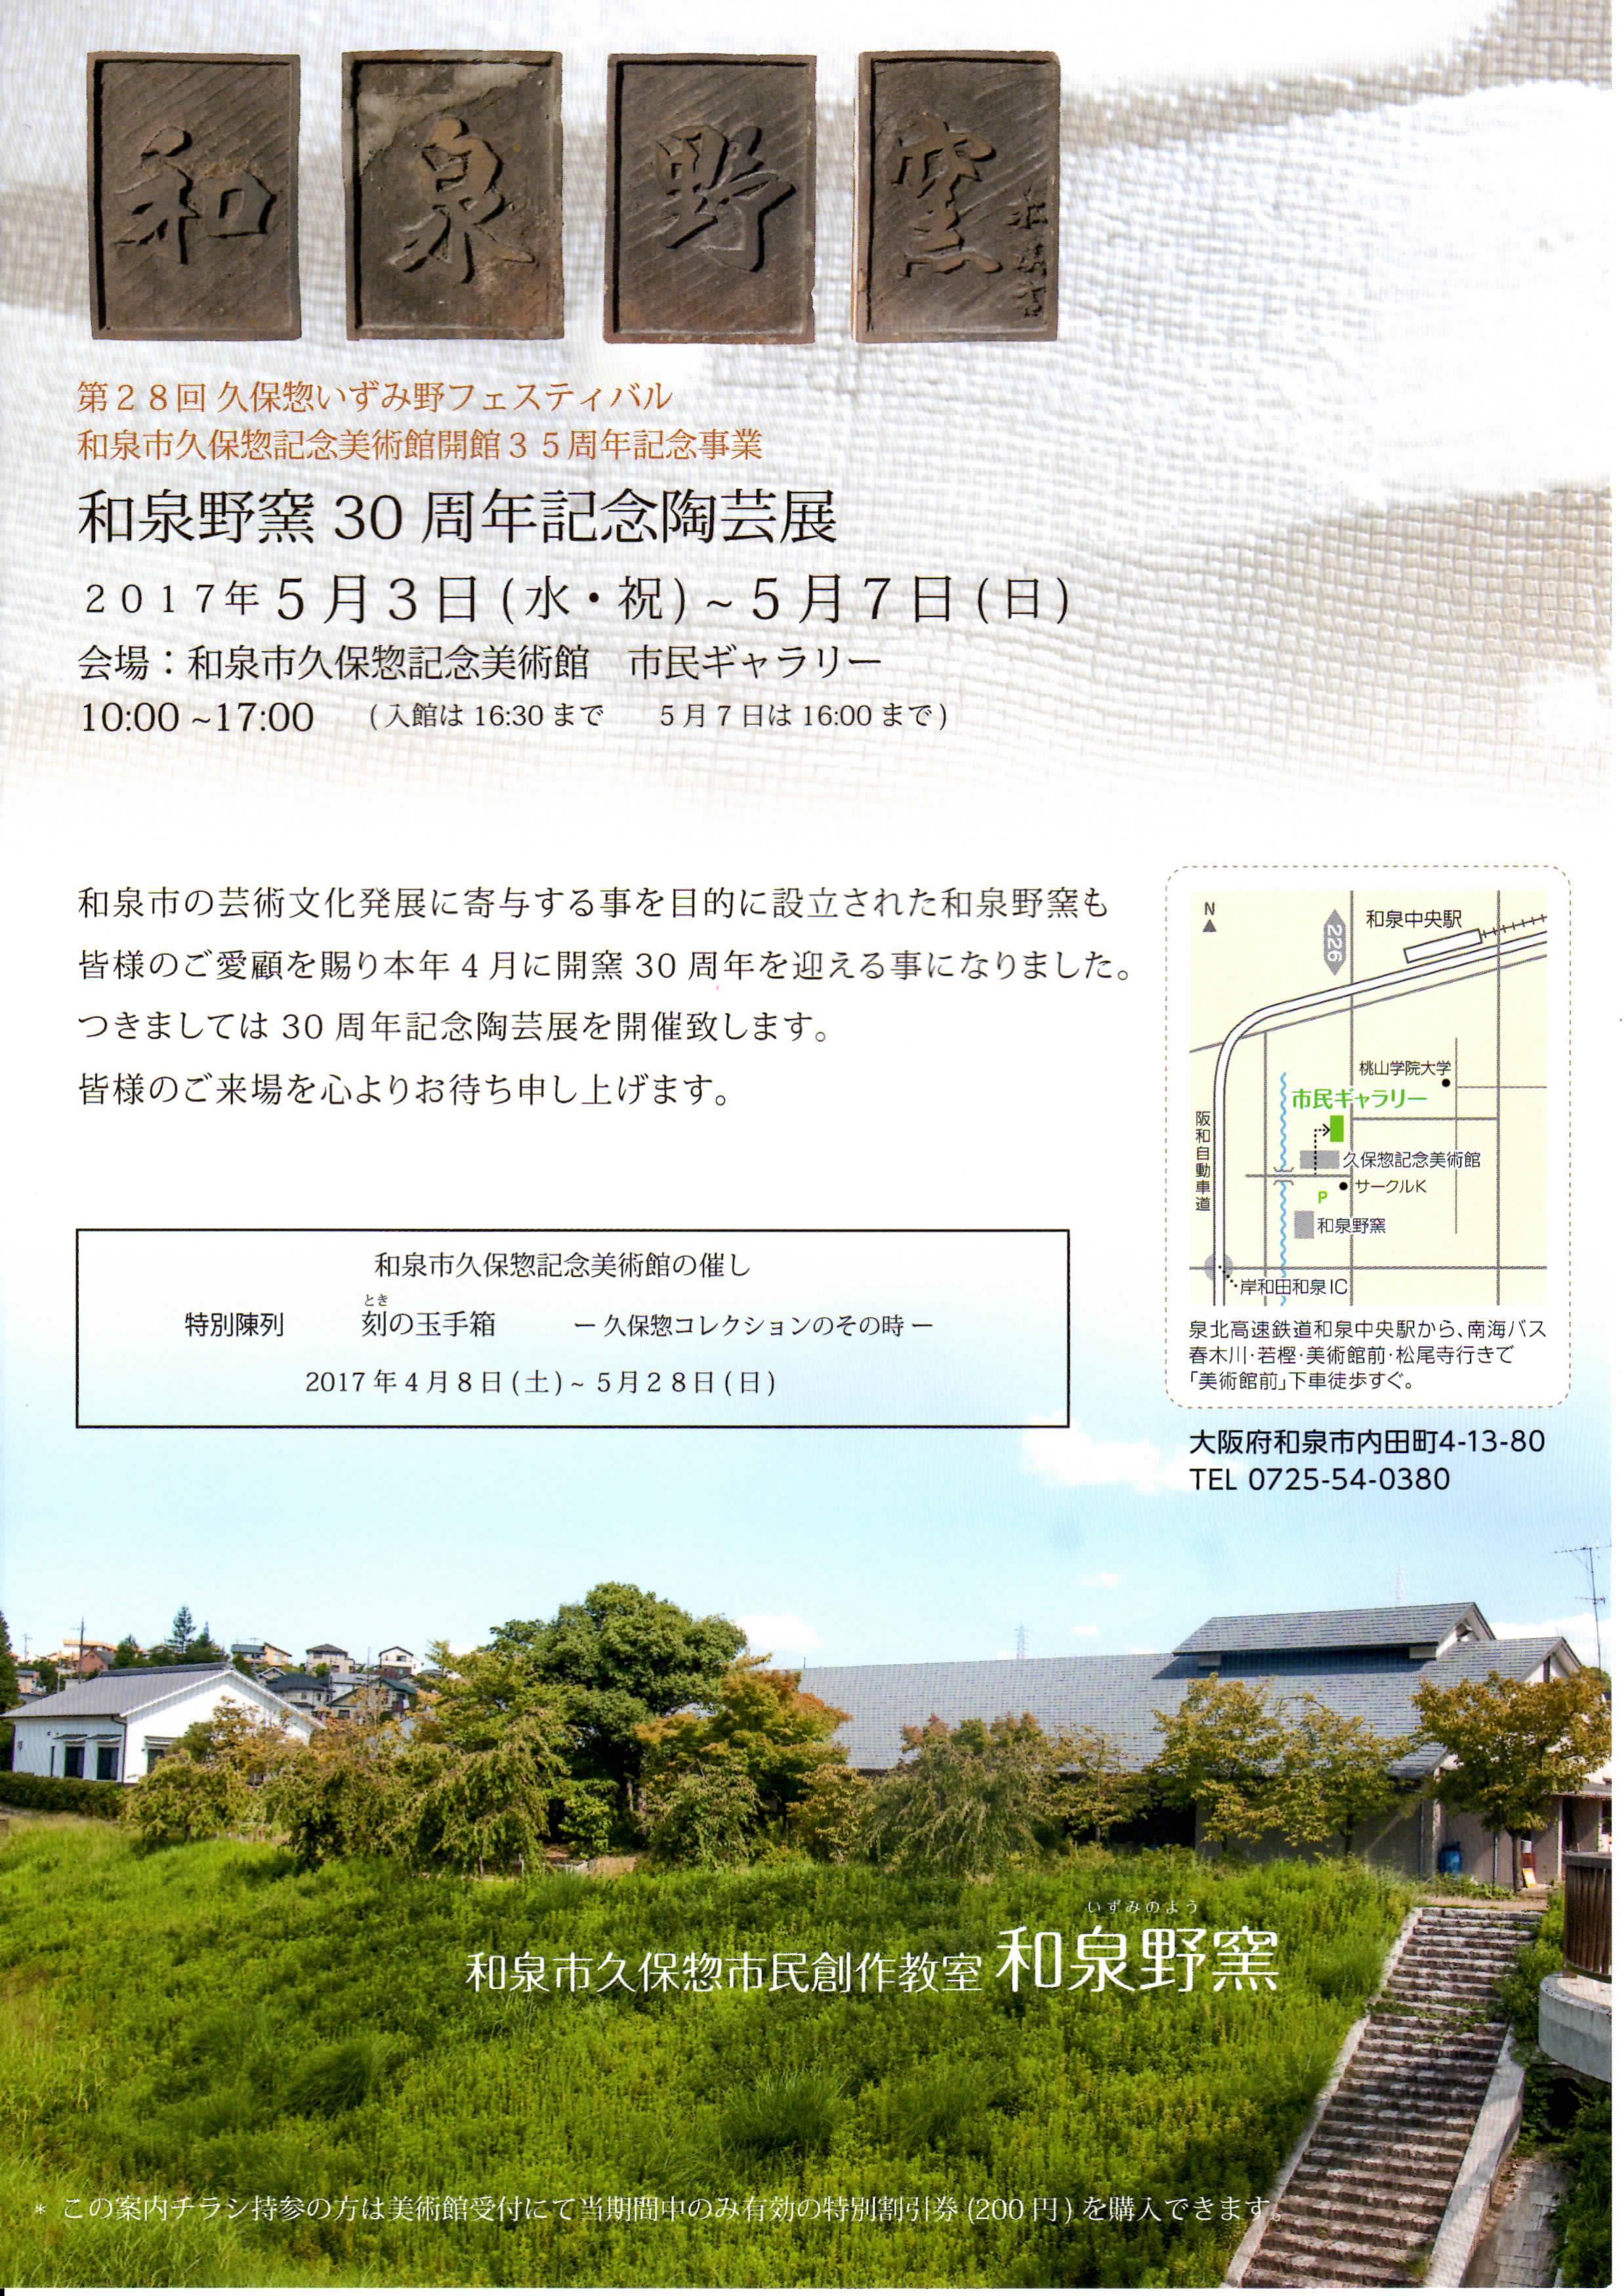 和泉野窯(いずみのよう)30周年記念陶芸展 開催!5月3日~5月7日まで